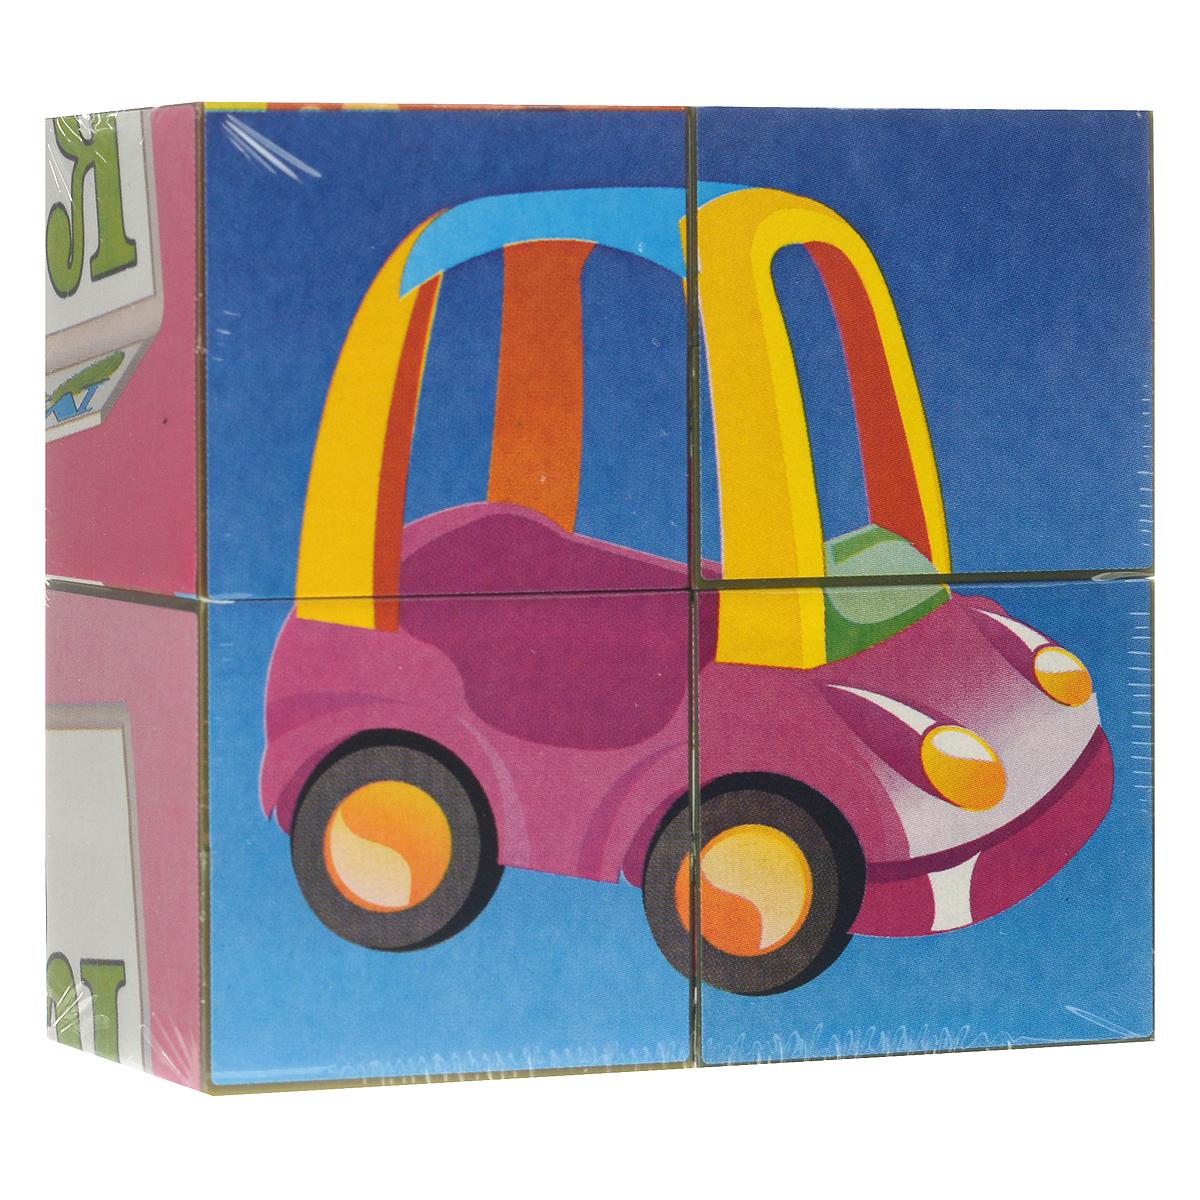 Кубики Stellar Игрушки, с картинками, 4 шт00834С помощью кубиков Stellar Игрушки ребенок сможет собрать шесть великолепных картинок с изображением игрушек. Игра с кубиками развивает зрительное восприятие, наблюдательность и внимание, мелкую моторику рук и произвольные движения. Ребенок научится складывать целостный образ из частей, определять недостающие детали изображения. Товар сертифицирован.